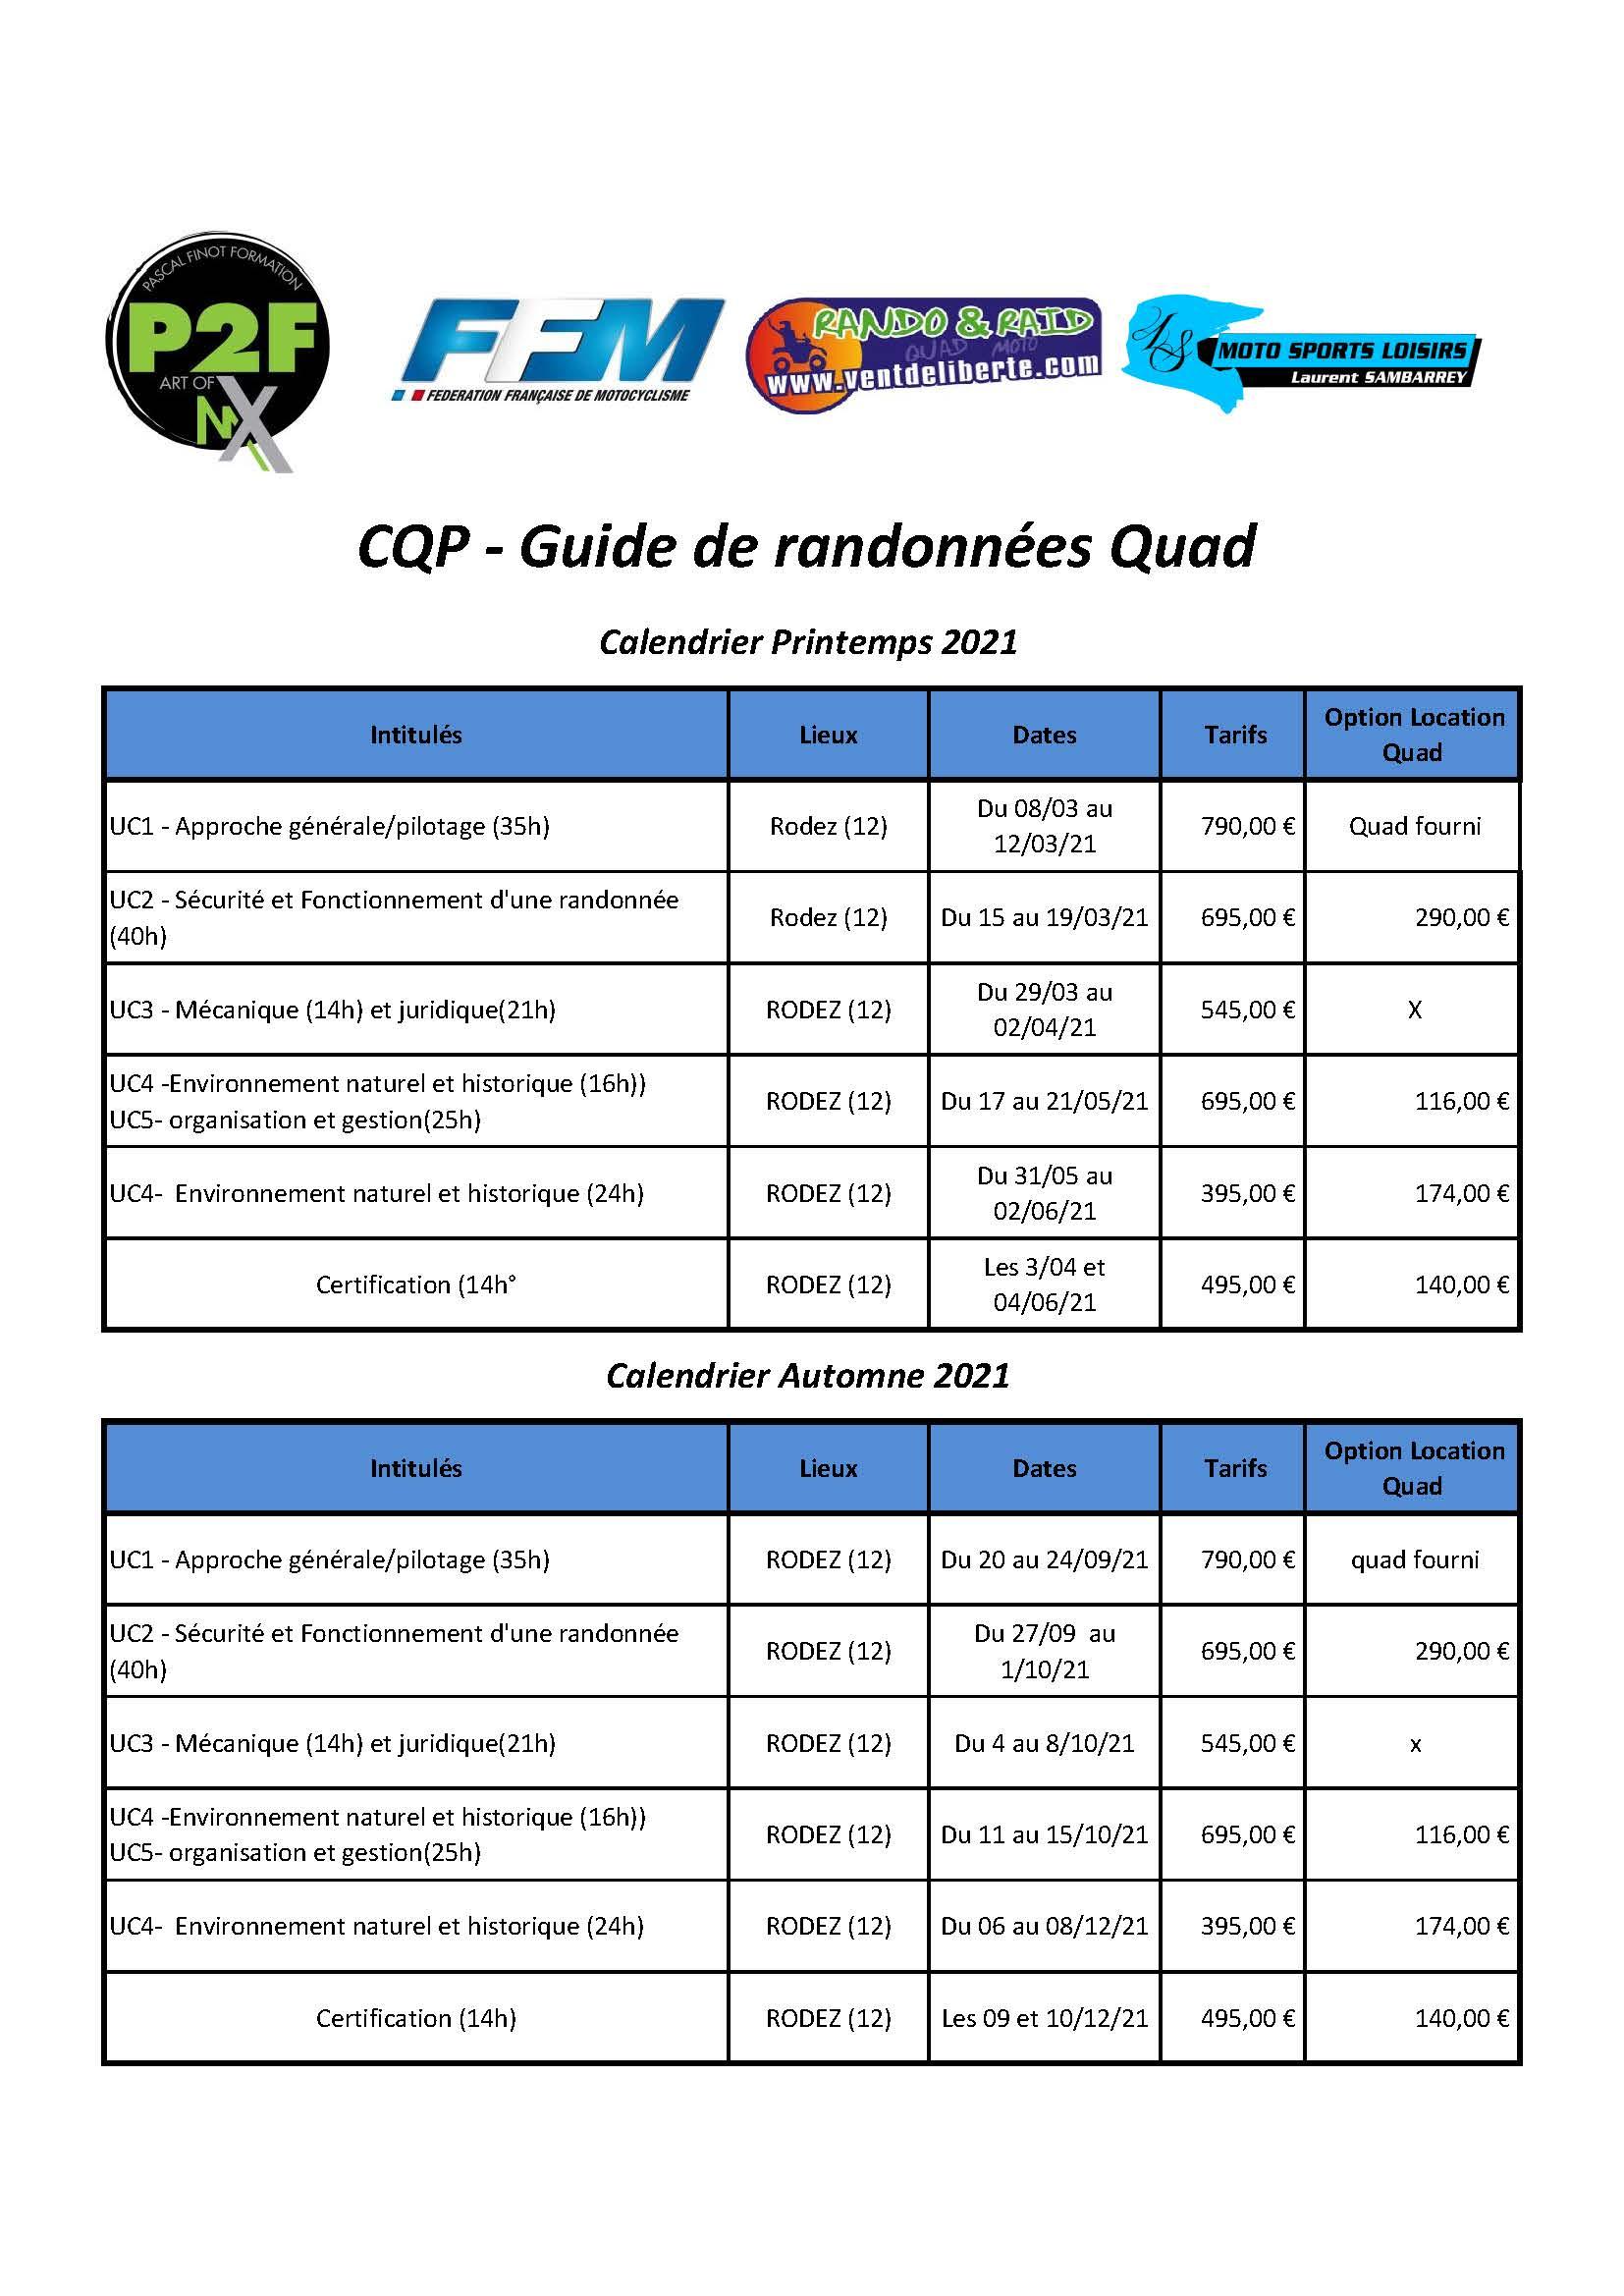 Calendrier CQP Quad 2021